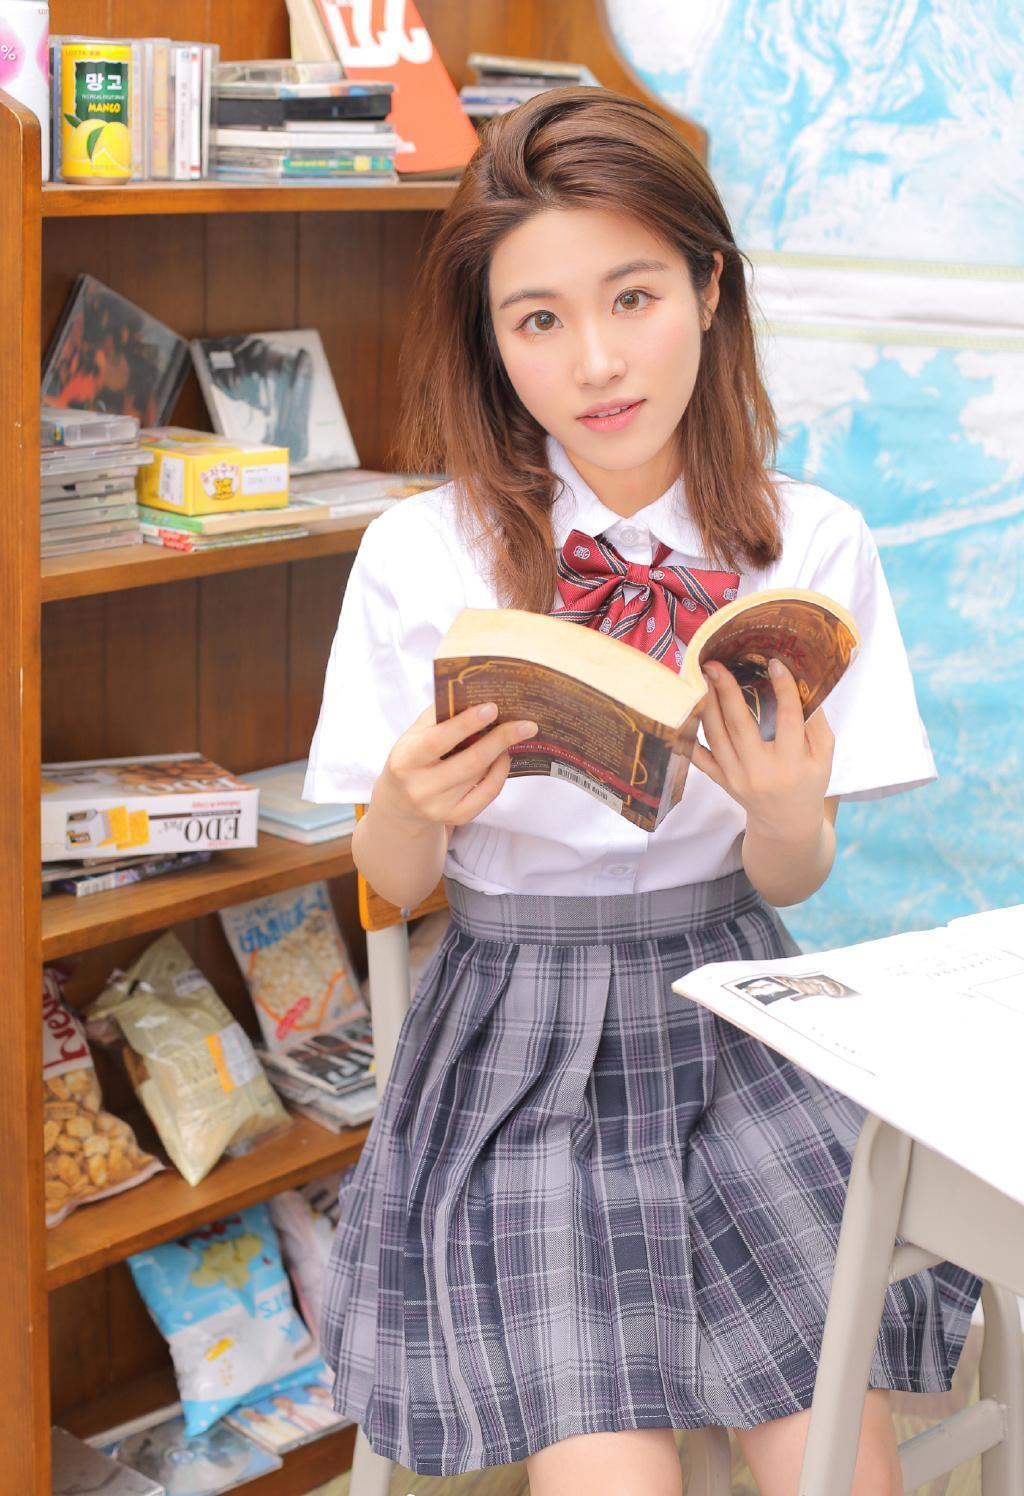 制服流程美女大长腿性感写真高中教师图片私房资格证v流程图片